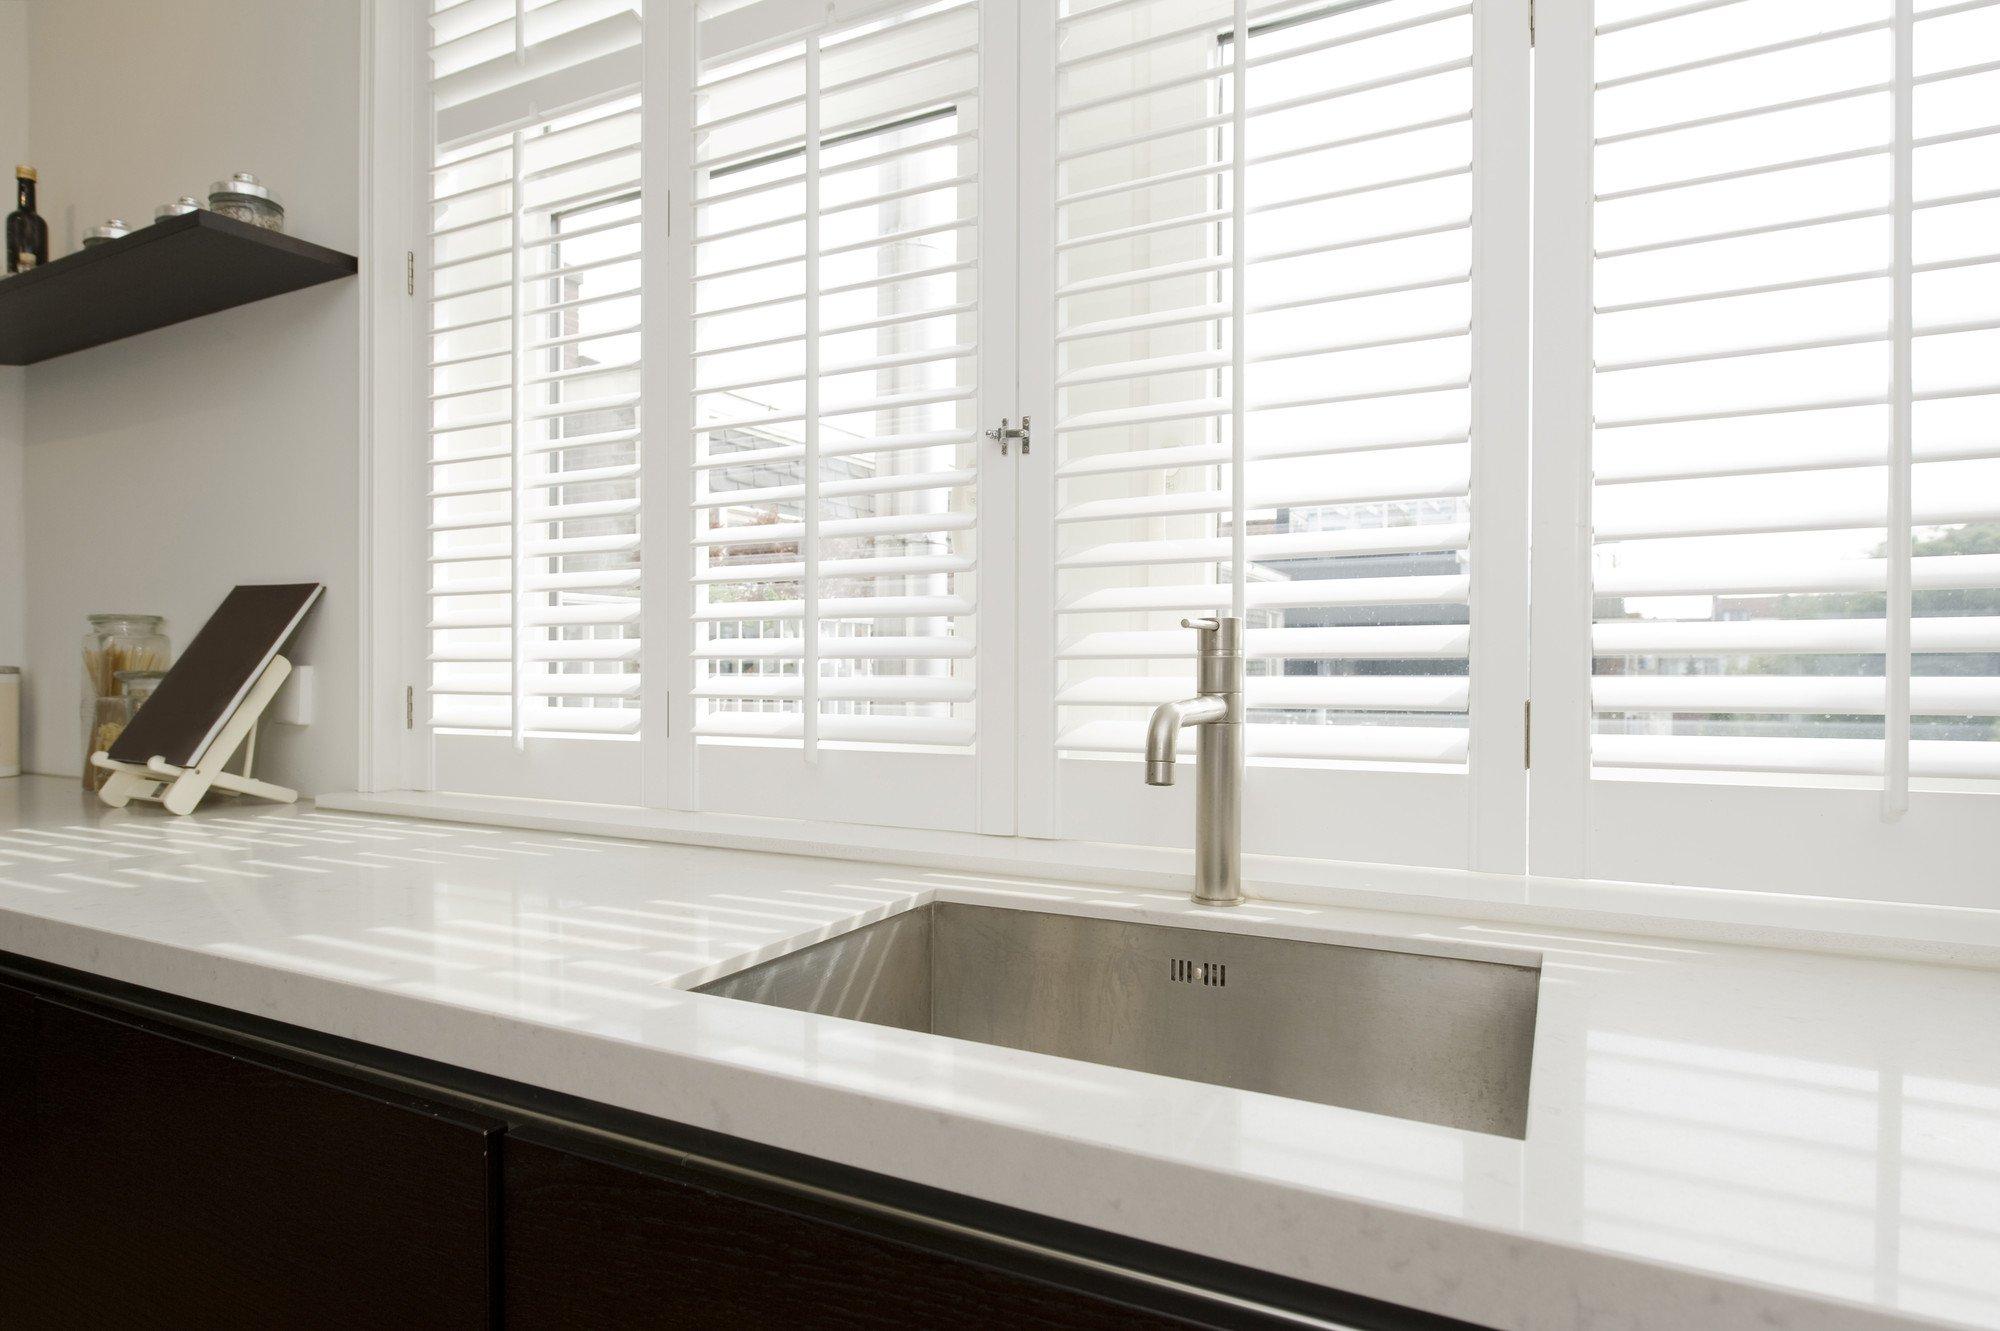 Kitchen bench with windows